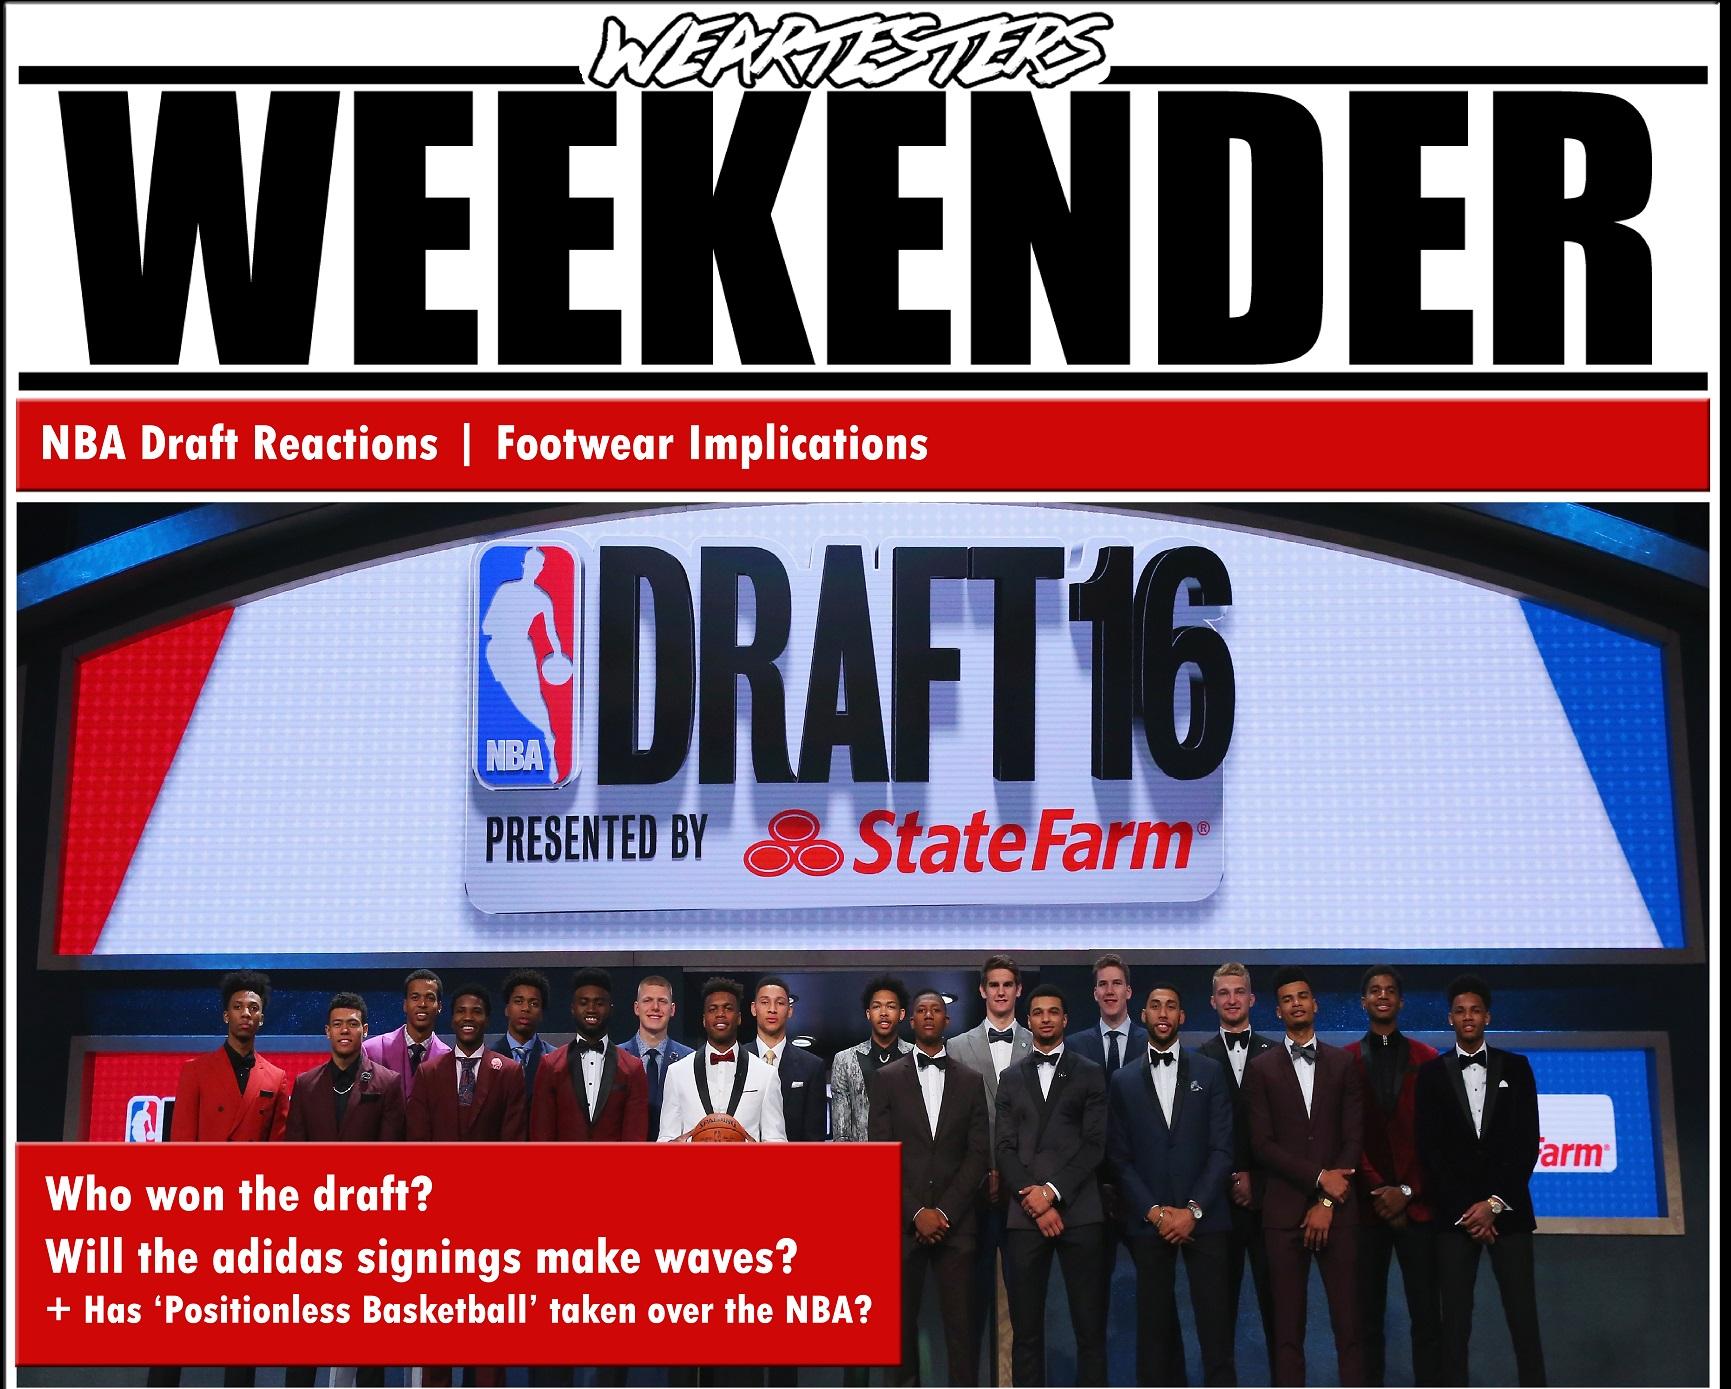 WearTesters Weekender NBA Draft Reactions